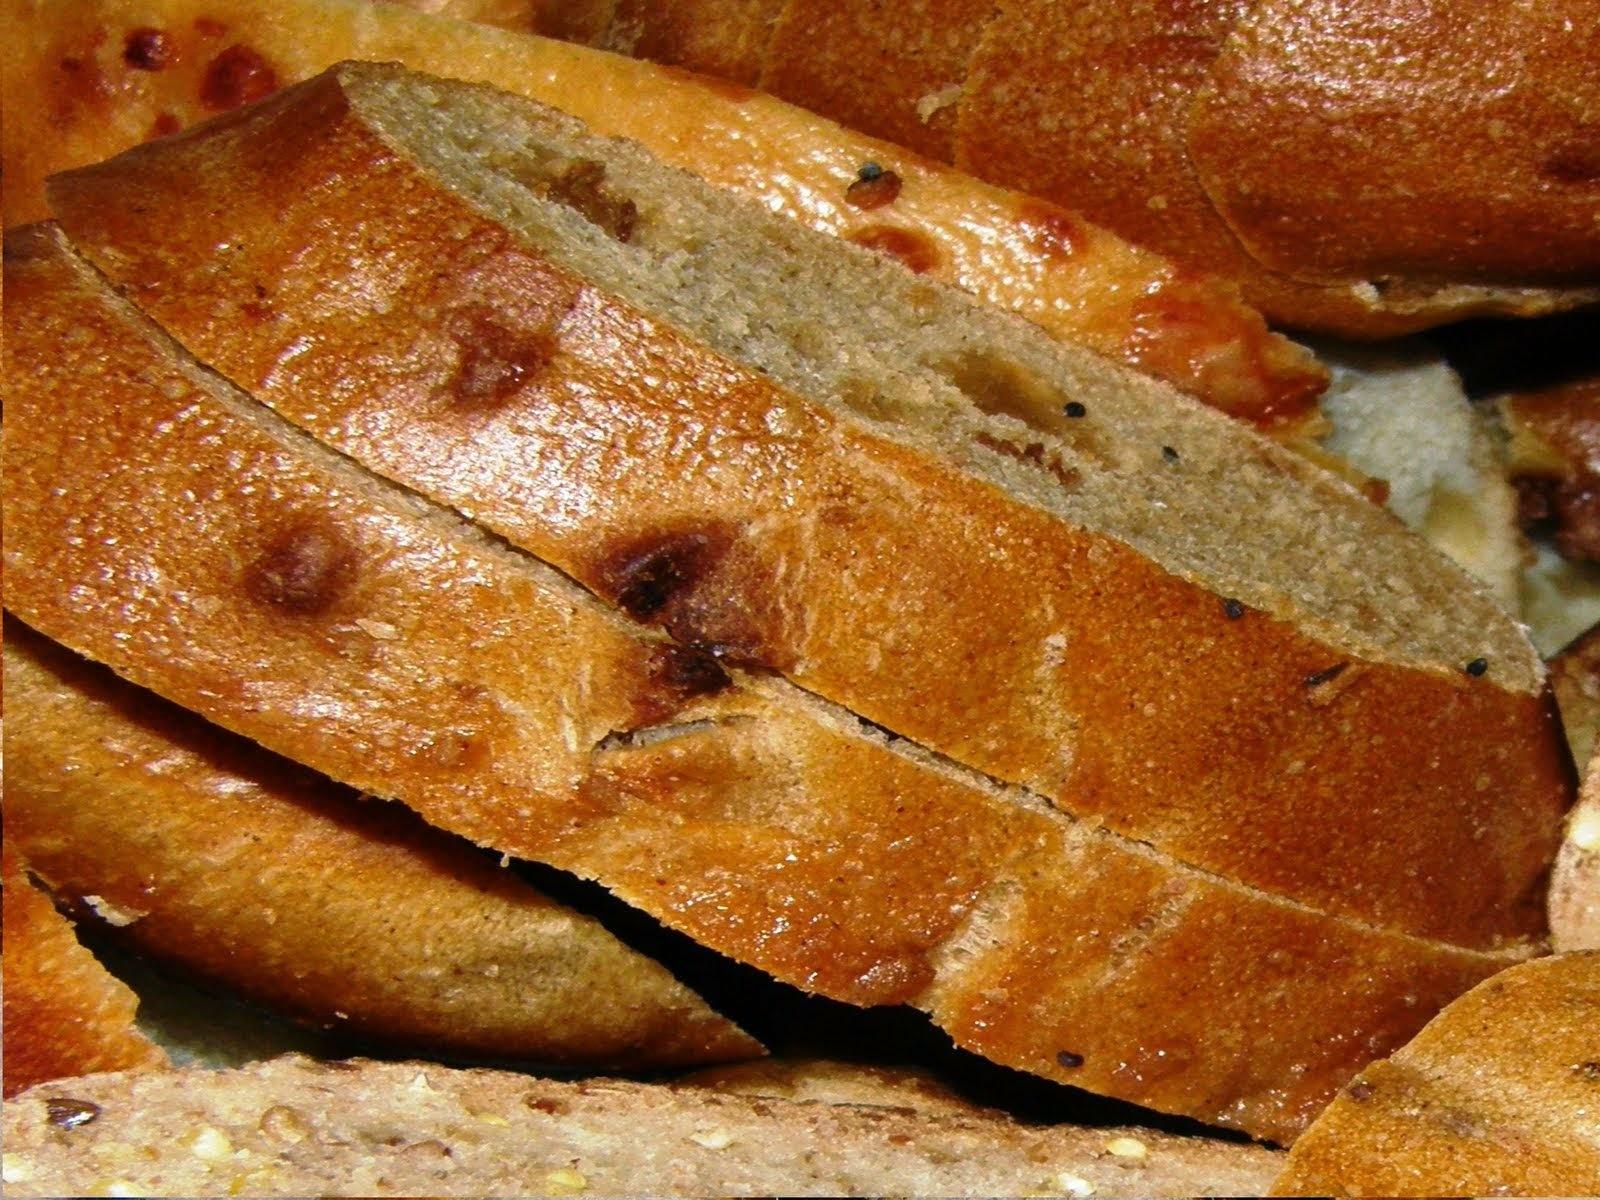 Receta de pan con chicharrones artesanal